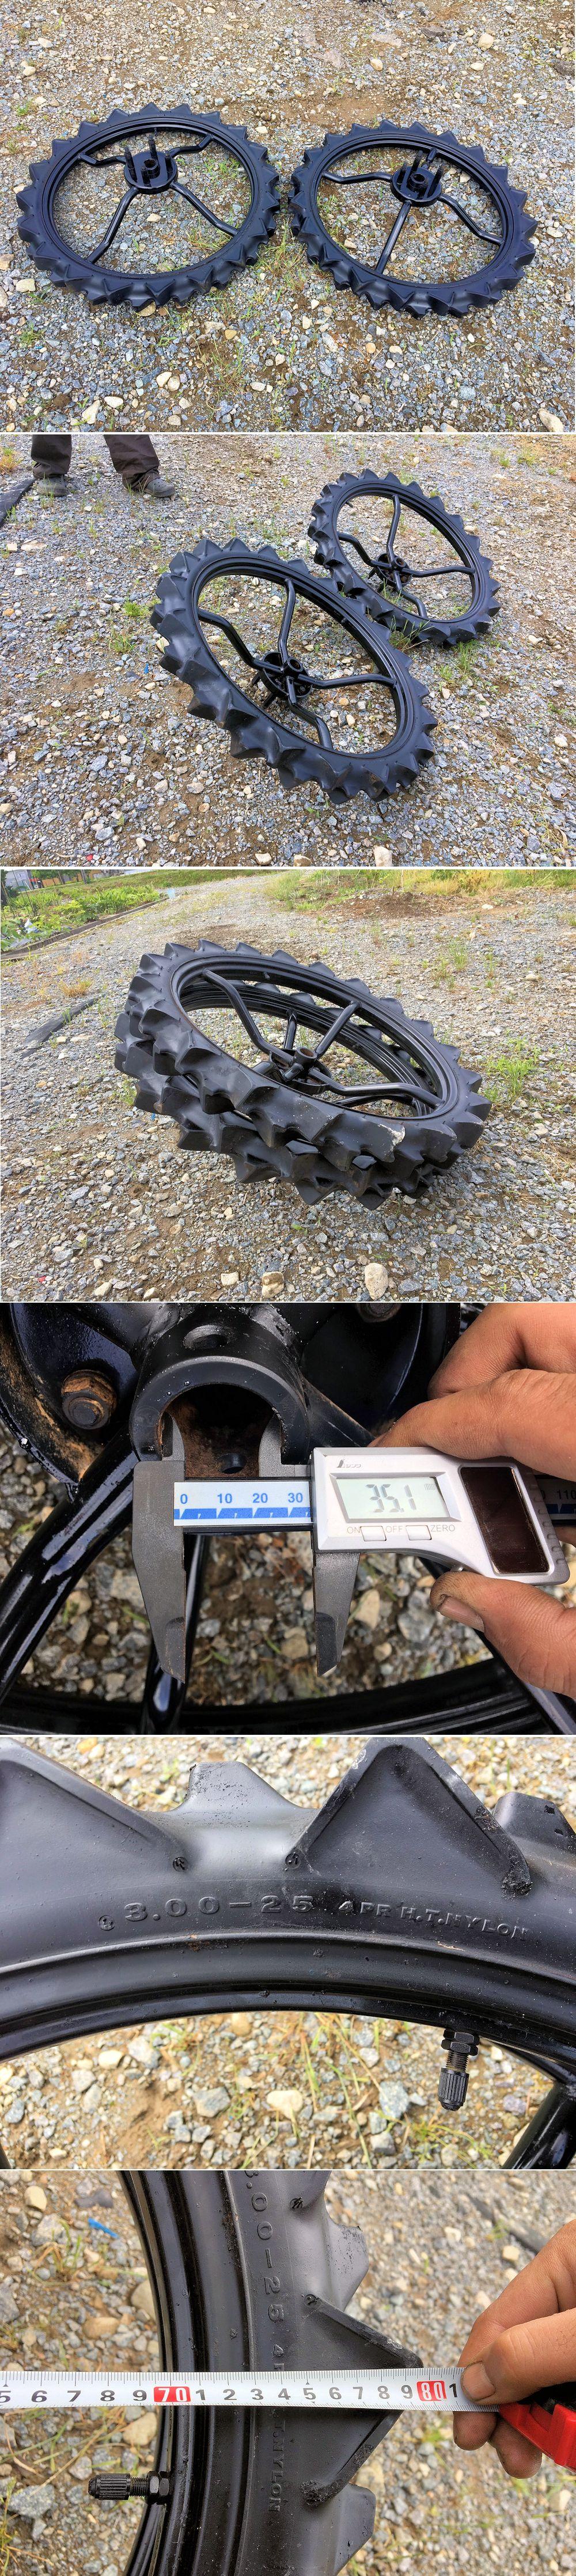 三菱 田植機 中古補助車輪 タイヤ 幅800mm MPR等 3.00-25 社外ブリヂストン 内径 35mm 取付軸付